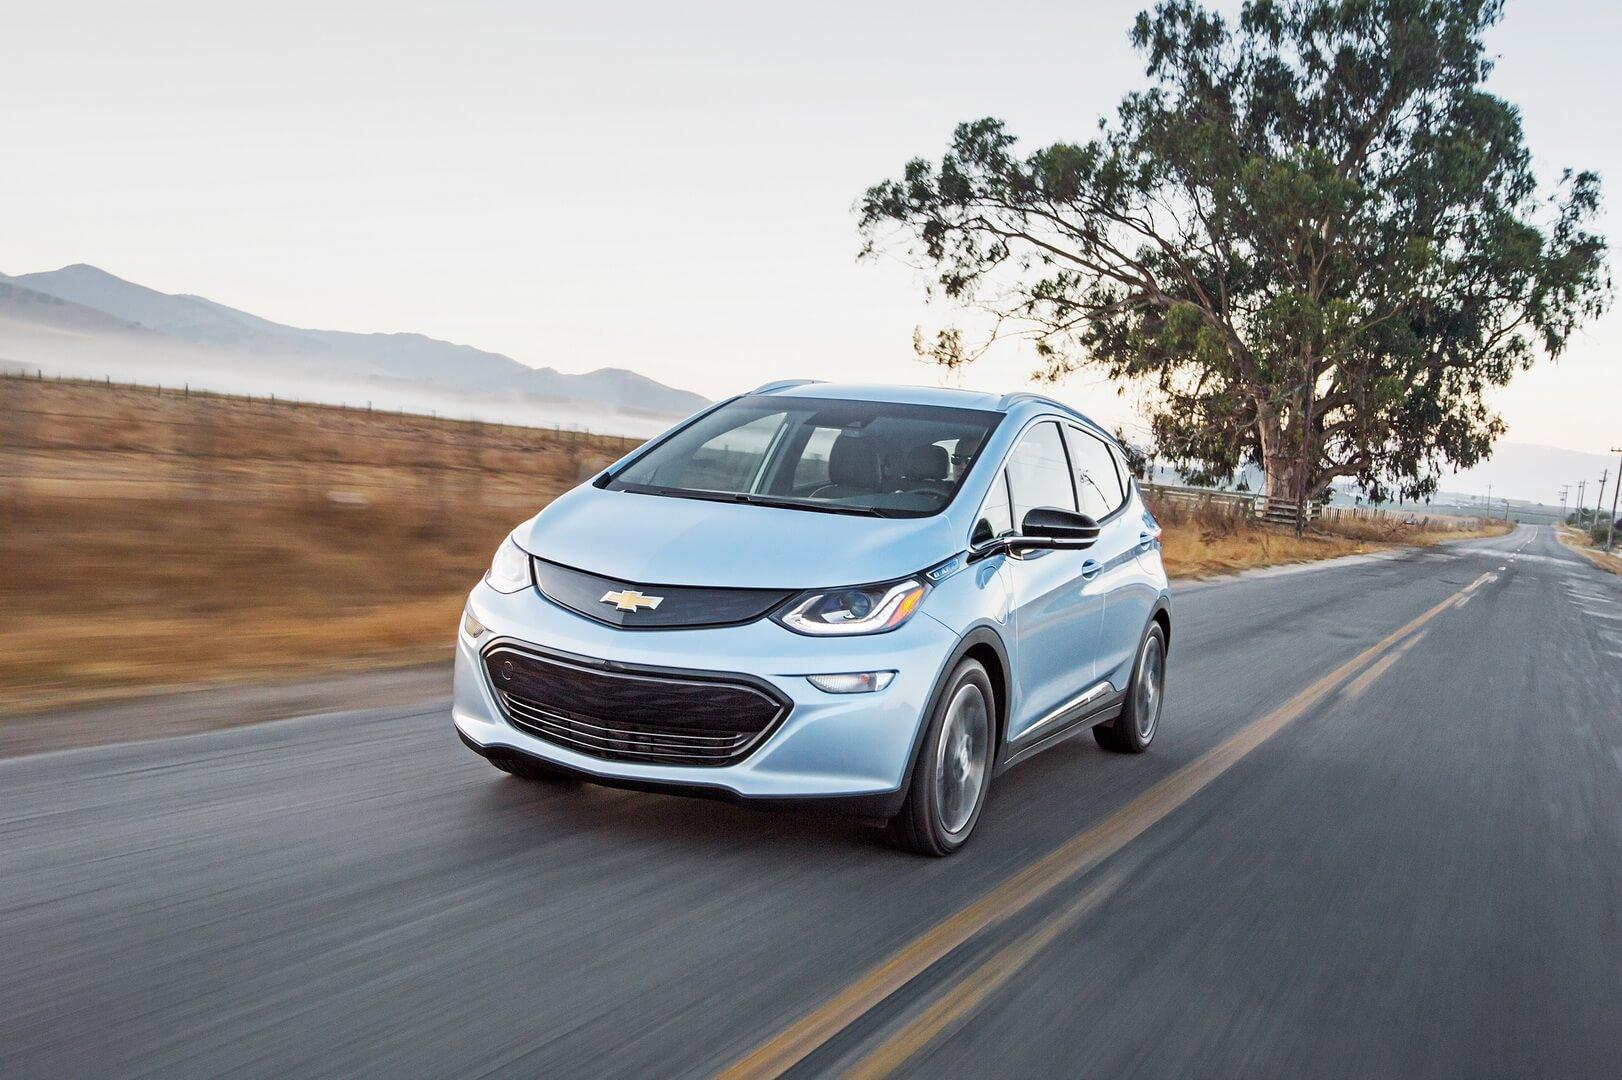 Chevrolet Bolt EV poluchil obnovlyonnuyu batareyu